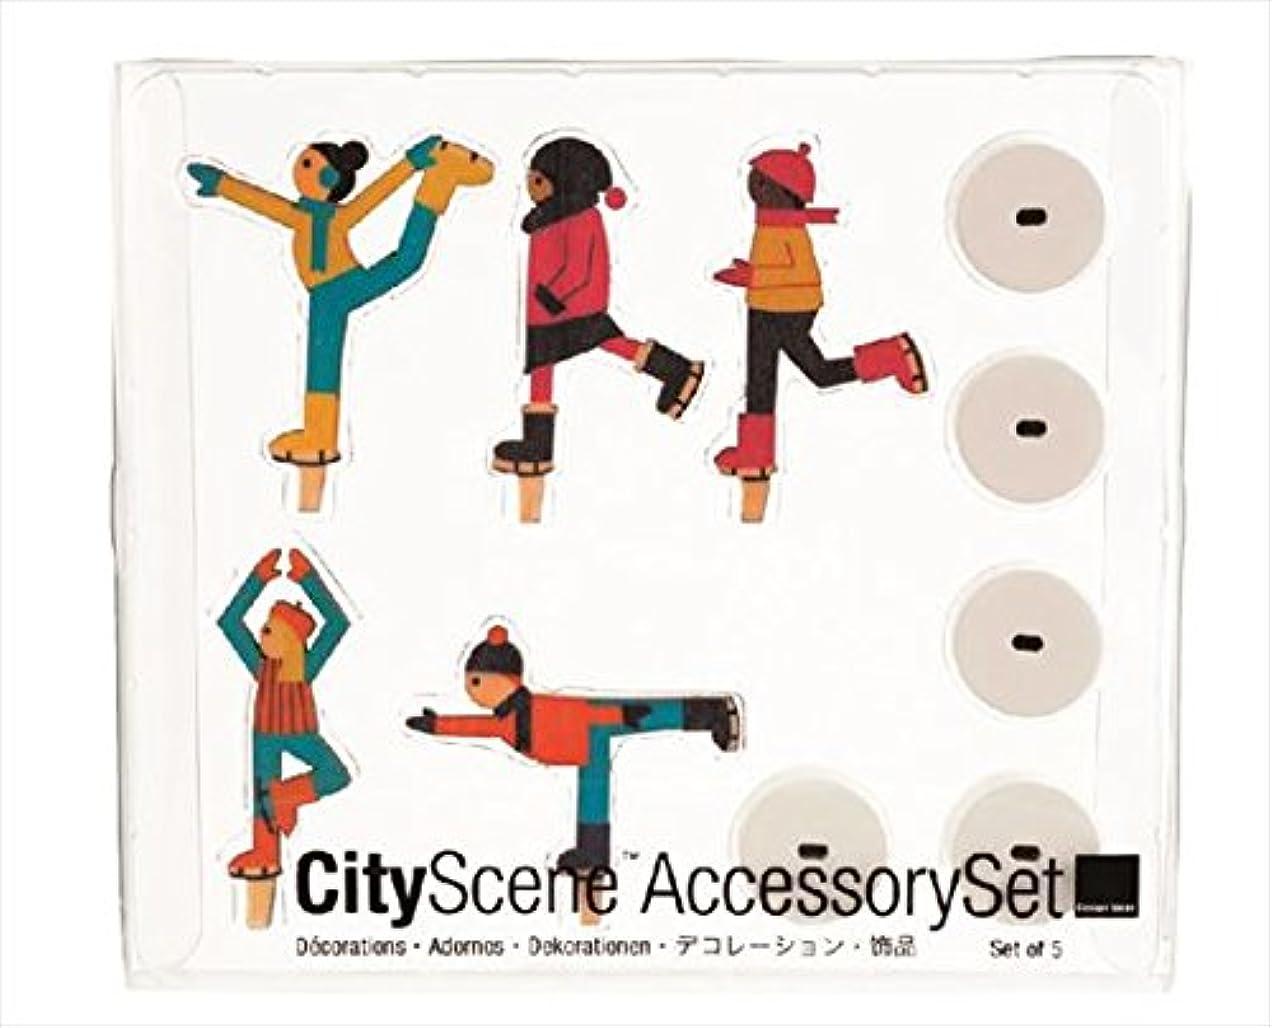 ブートしゃがむ伝説カメヤマキャンドル(kameyama candle) シティーシーンアクセサリーセット 「 アイススケーター 」